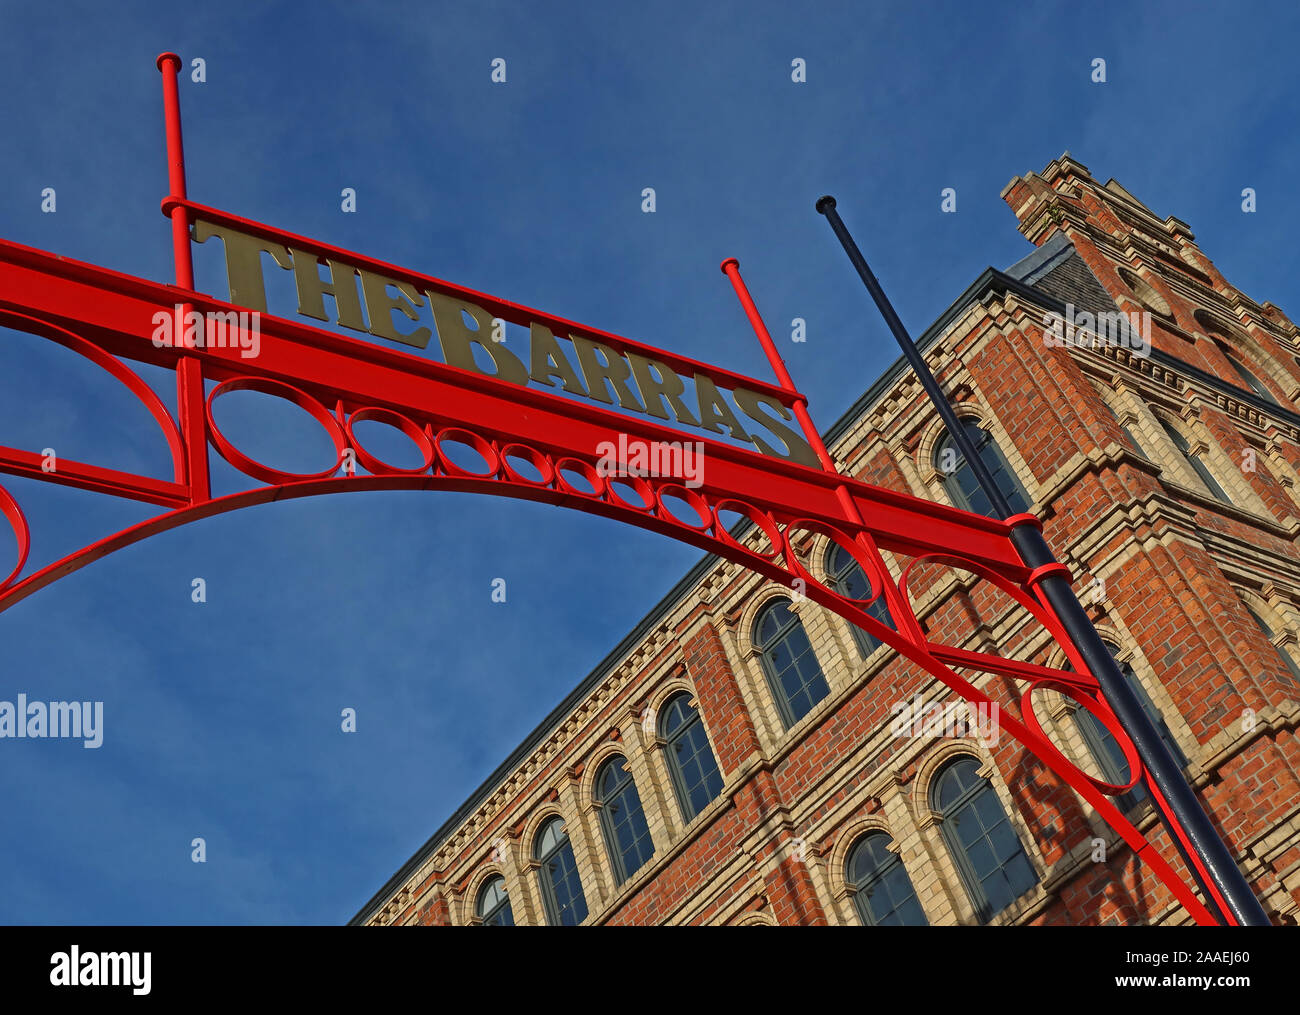 Dieses Stockfoto: Die Barras, Gallowgate, East End, Glasgow, Schottland, Großbritannien, G1 5DX - 2AAEJ6